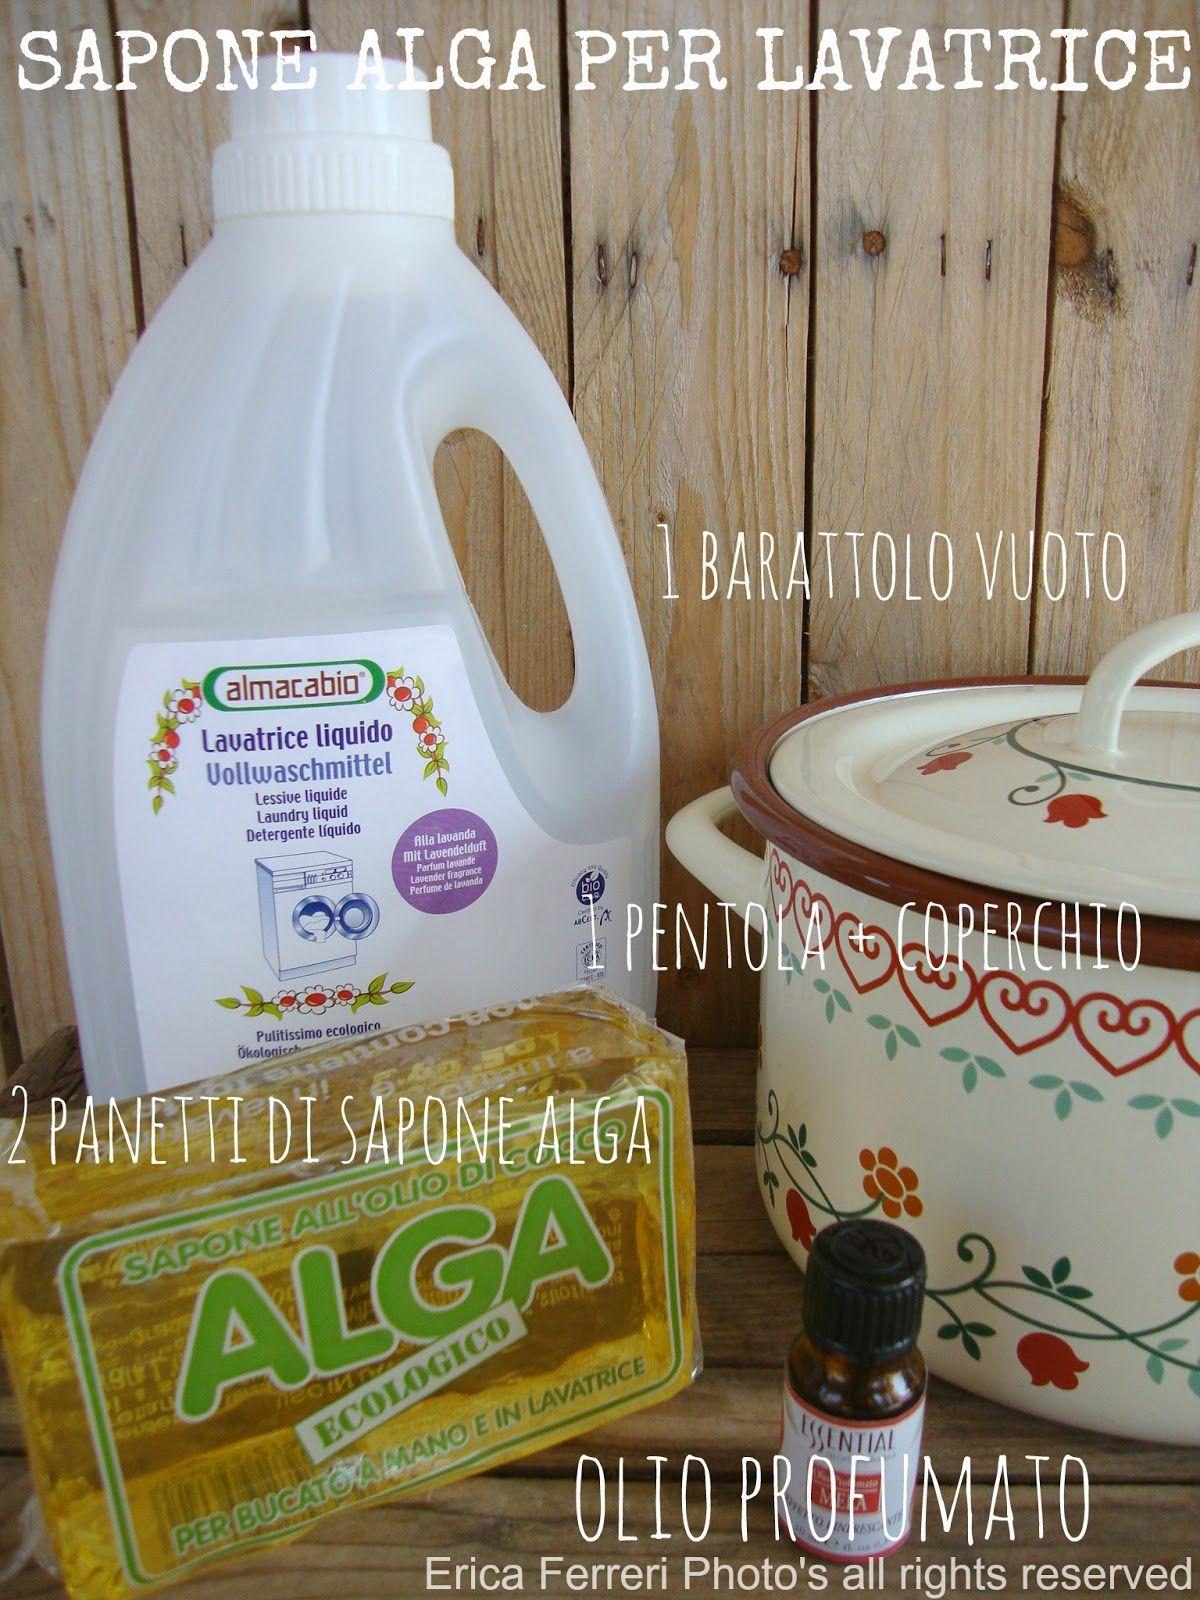 Casa e donna sapone liquido da panetto alga per lavatrice fatto in casa gestione casa - Sapone liquido fatto in casa ...